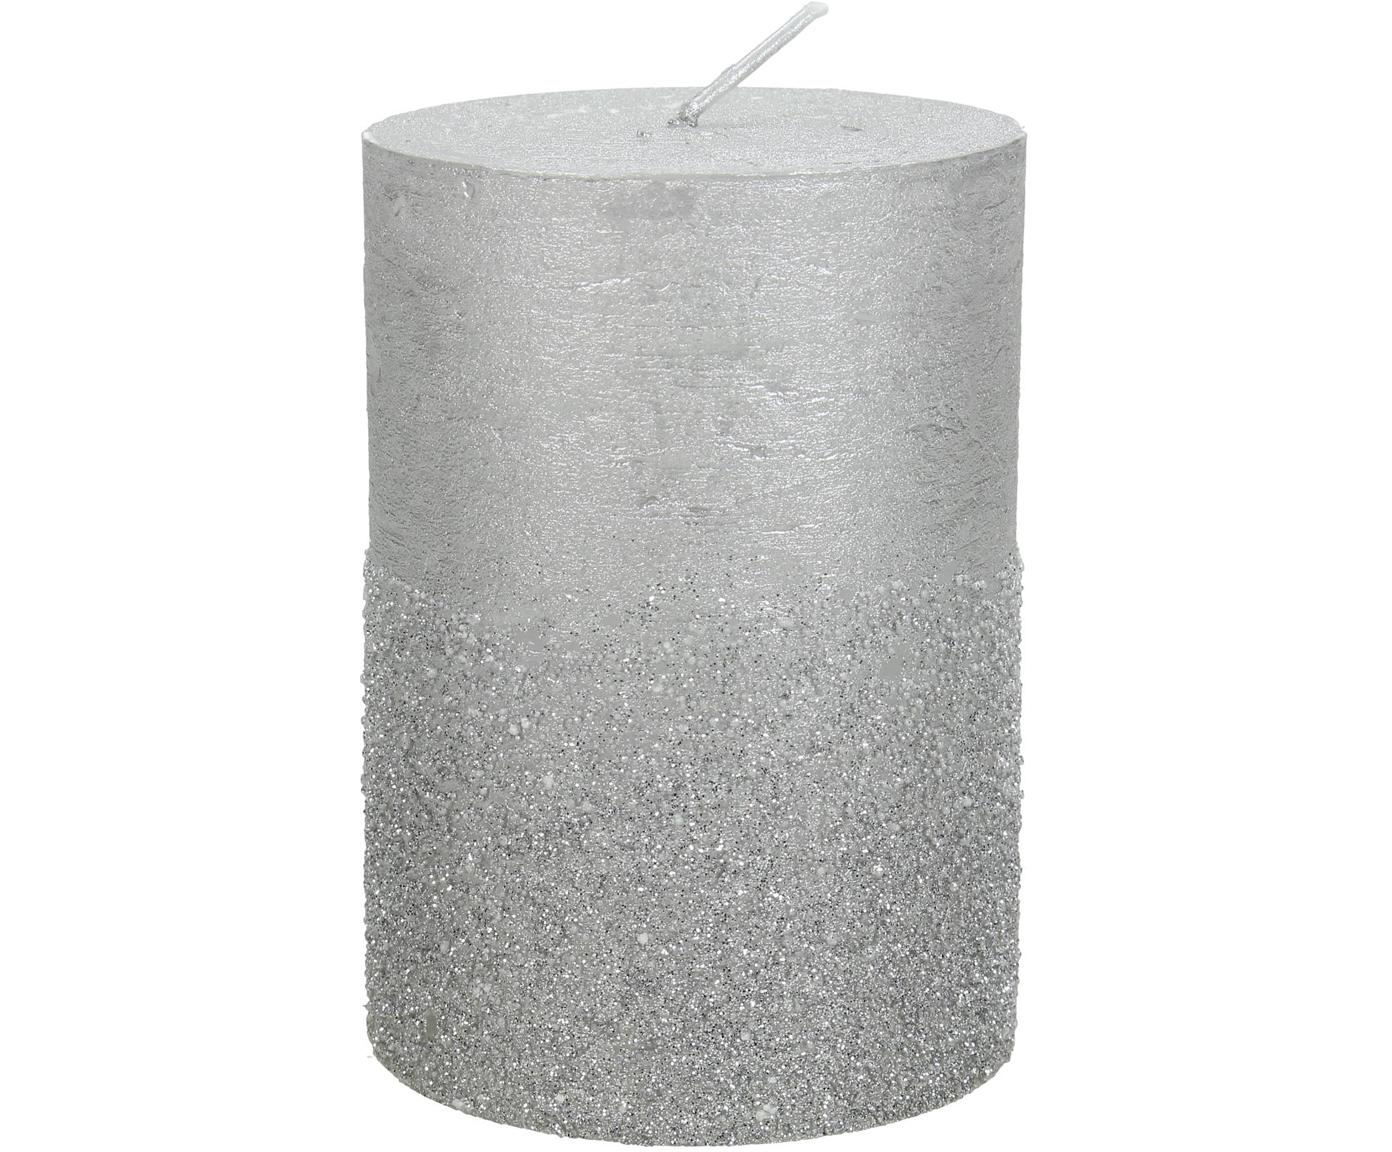 Stompkaars Glitters, Was, Edelstaalkleurig, Ø 7 cm